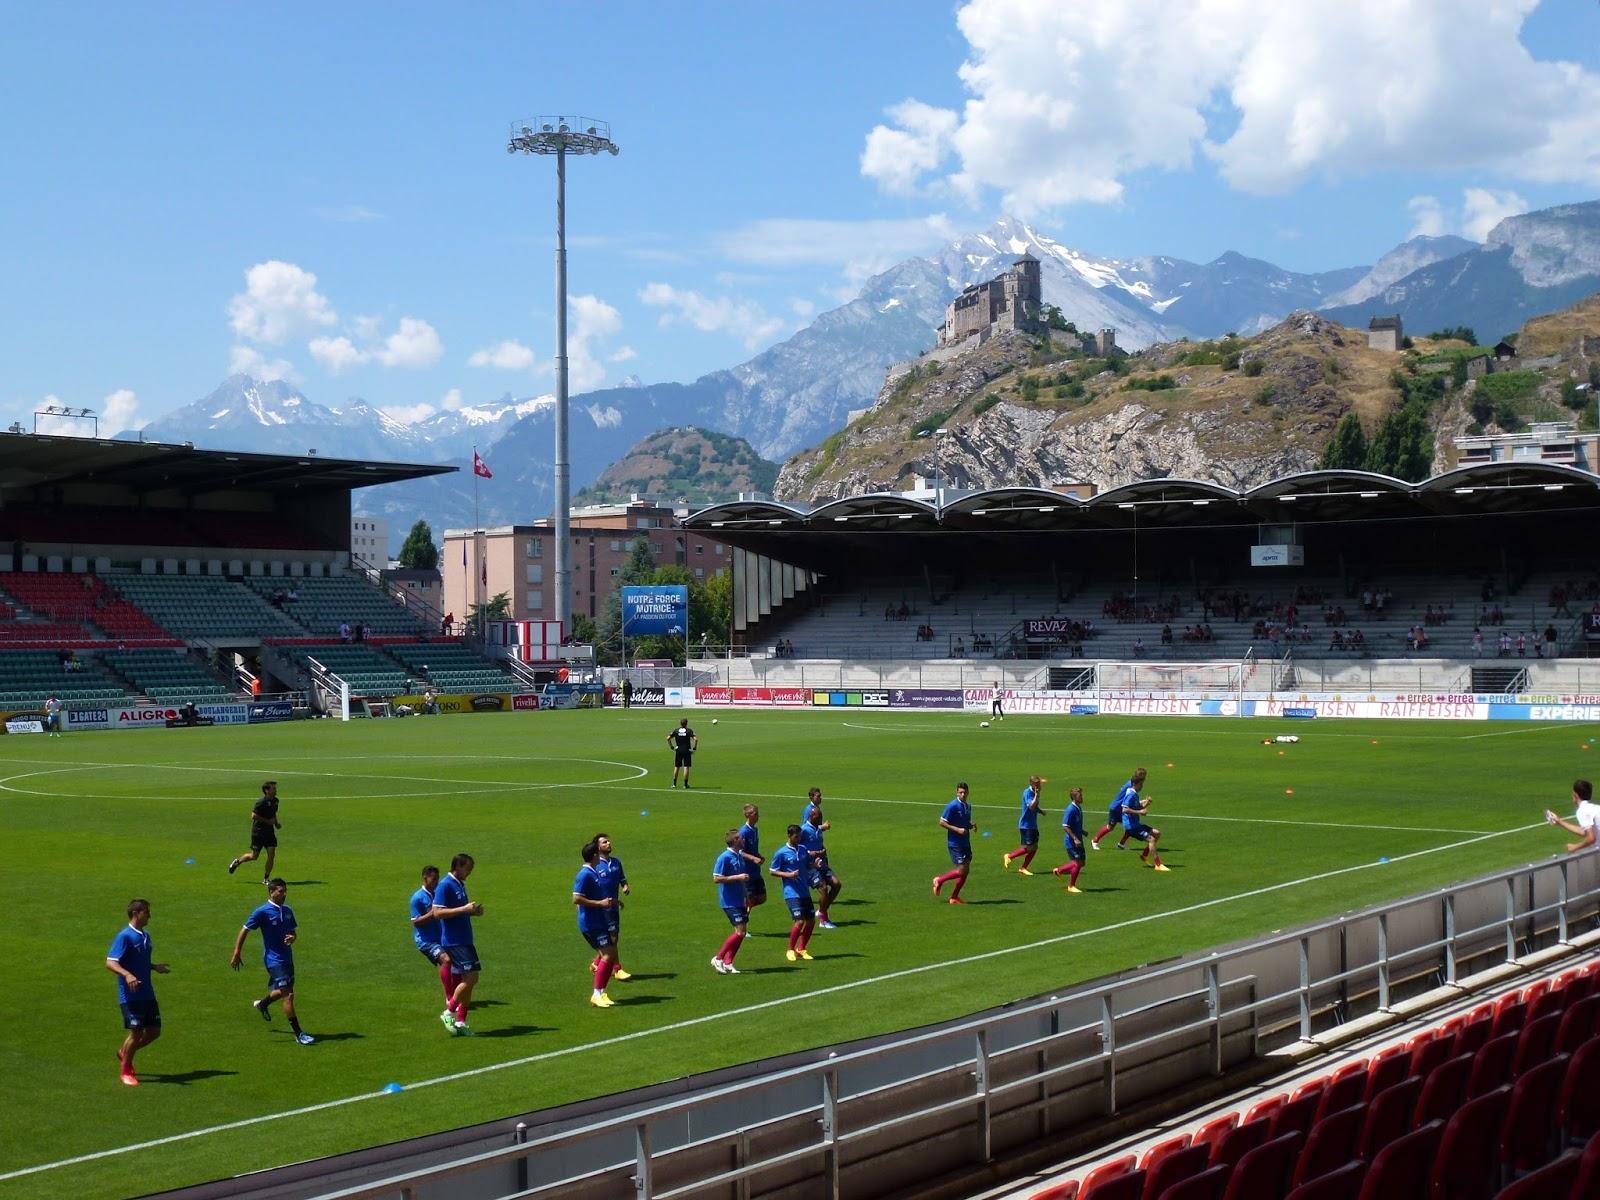 Tourist Attractions In Sion Switzerland Switzerland tourism